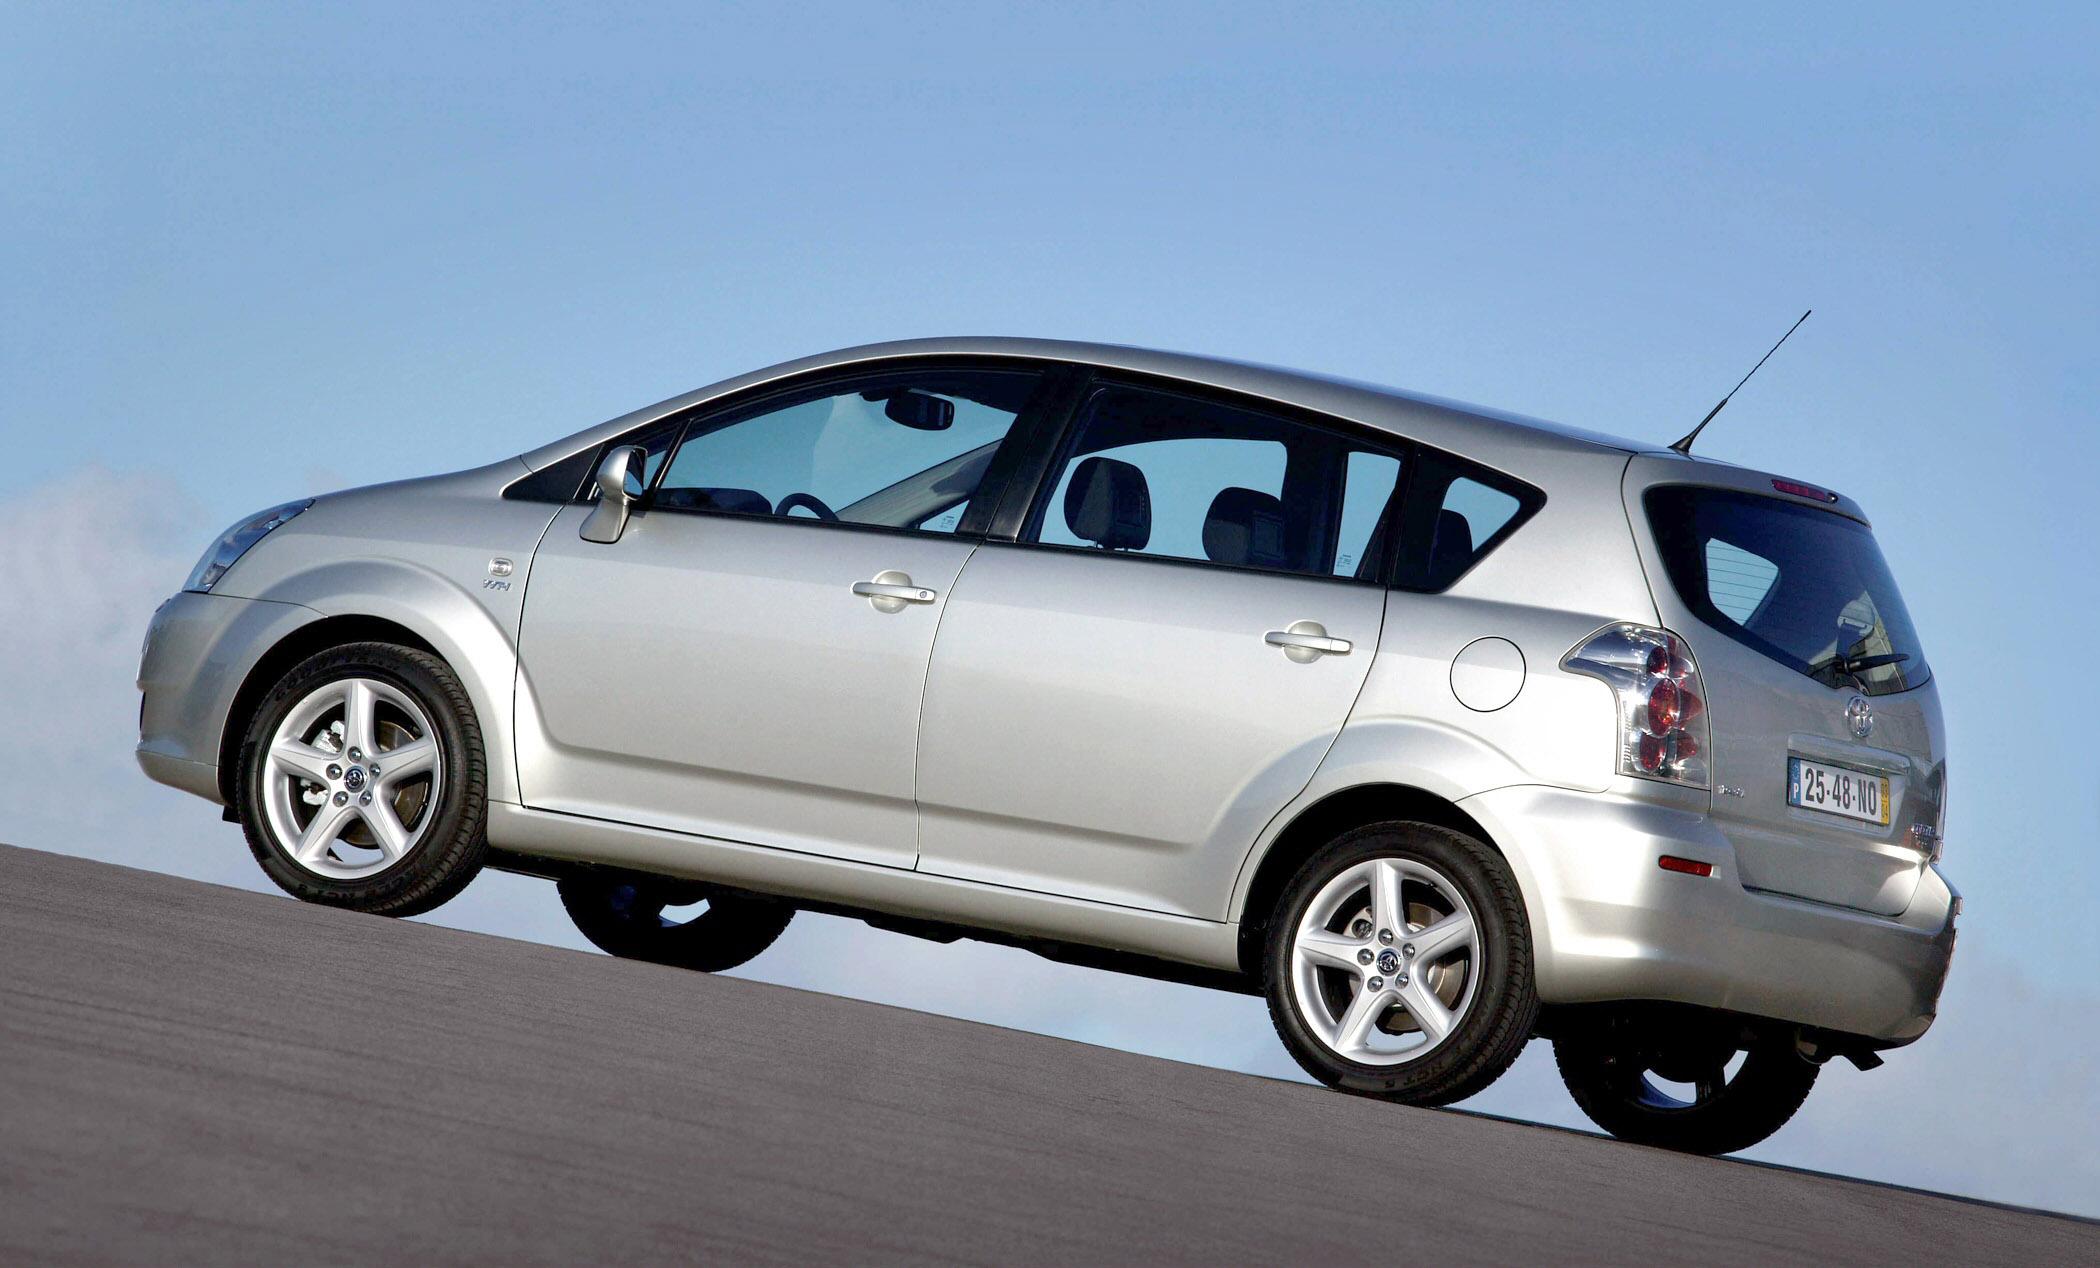 2008 Toyota Corolla Verso Picture 76472